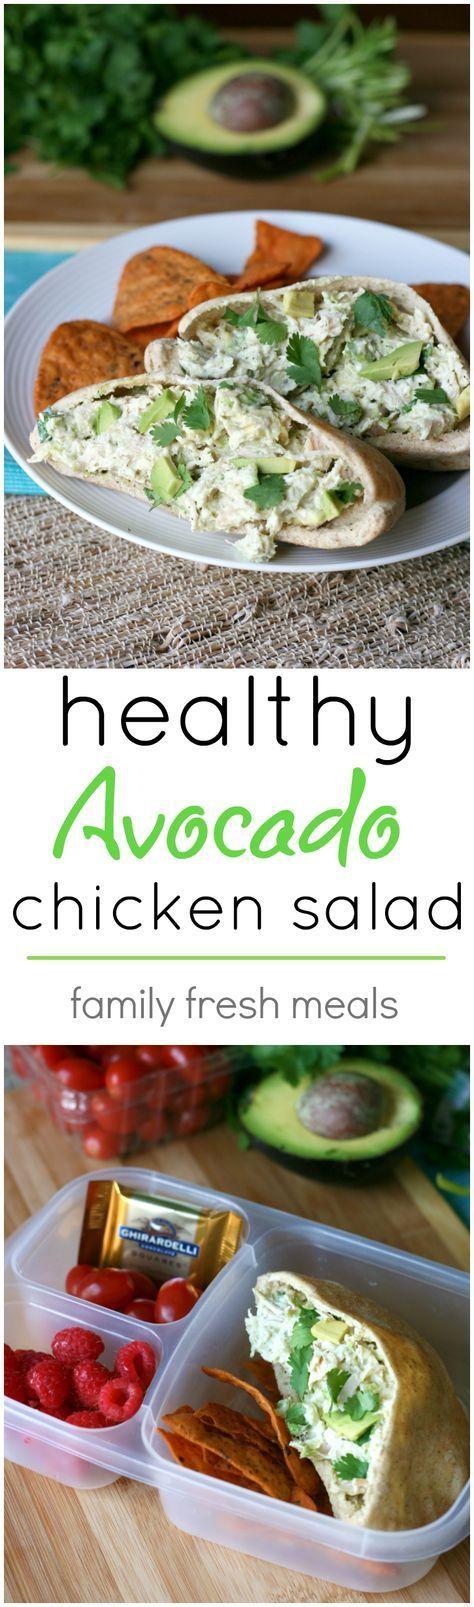 Healthy Avocado Chicken Salad Recipe - If you love chicken salad and avocados…